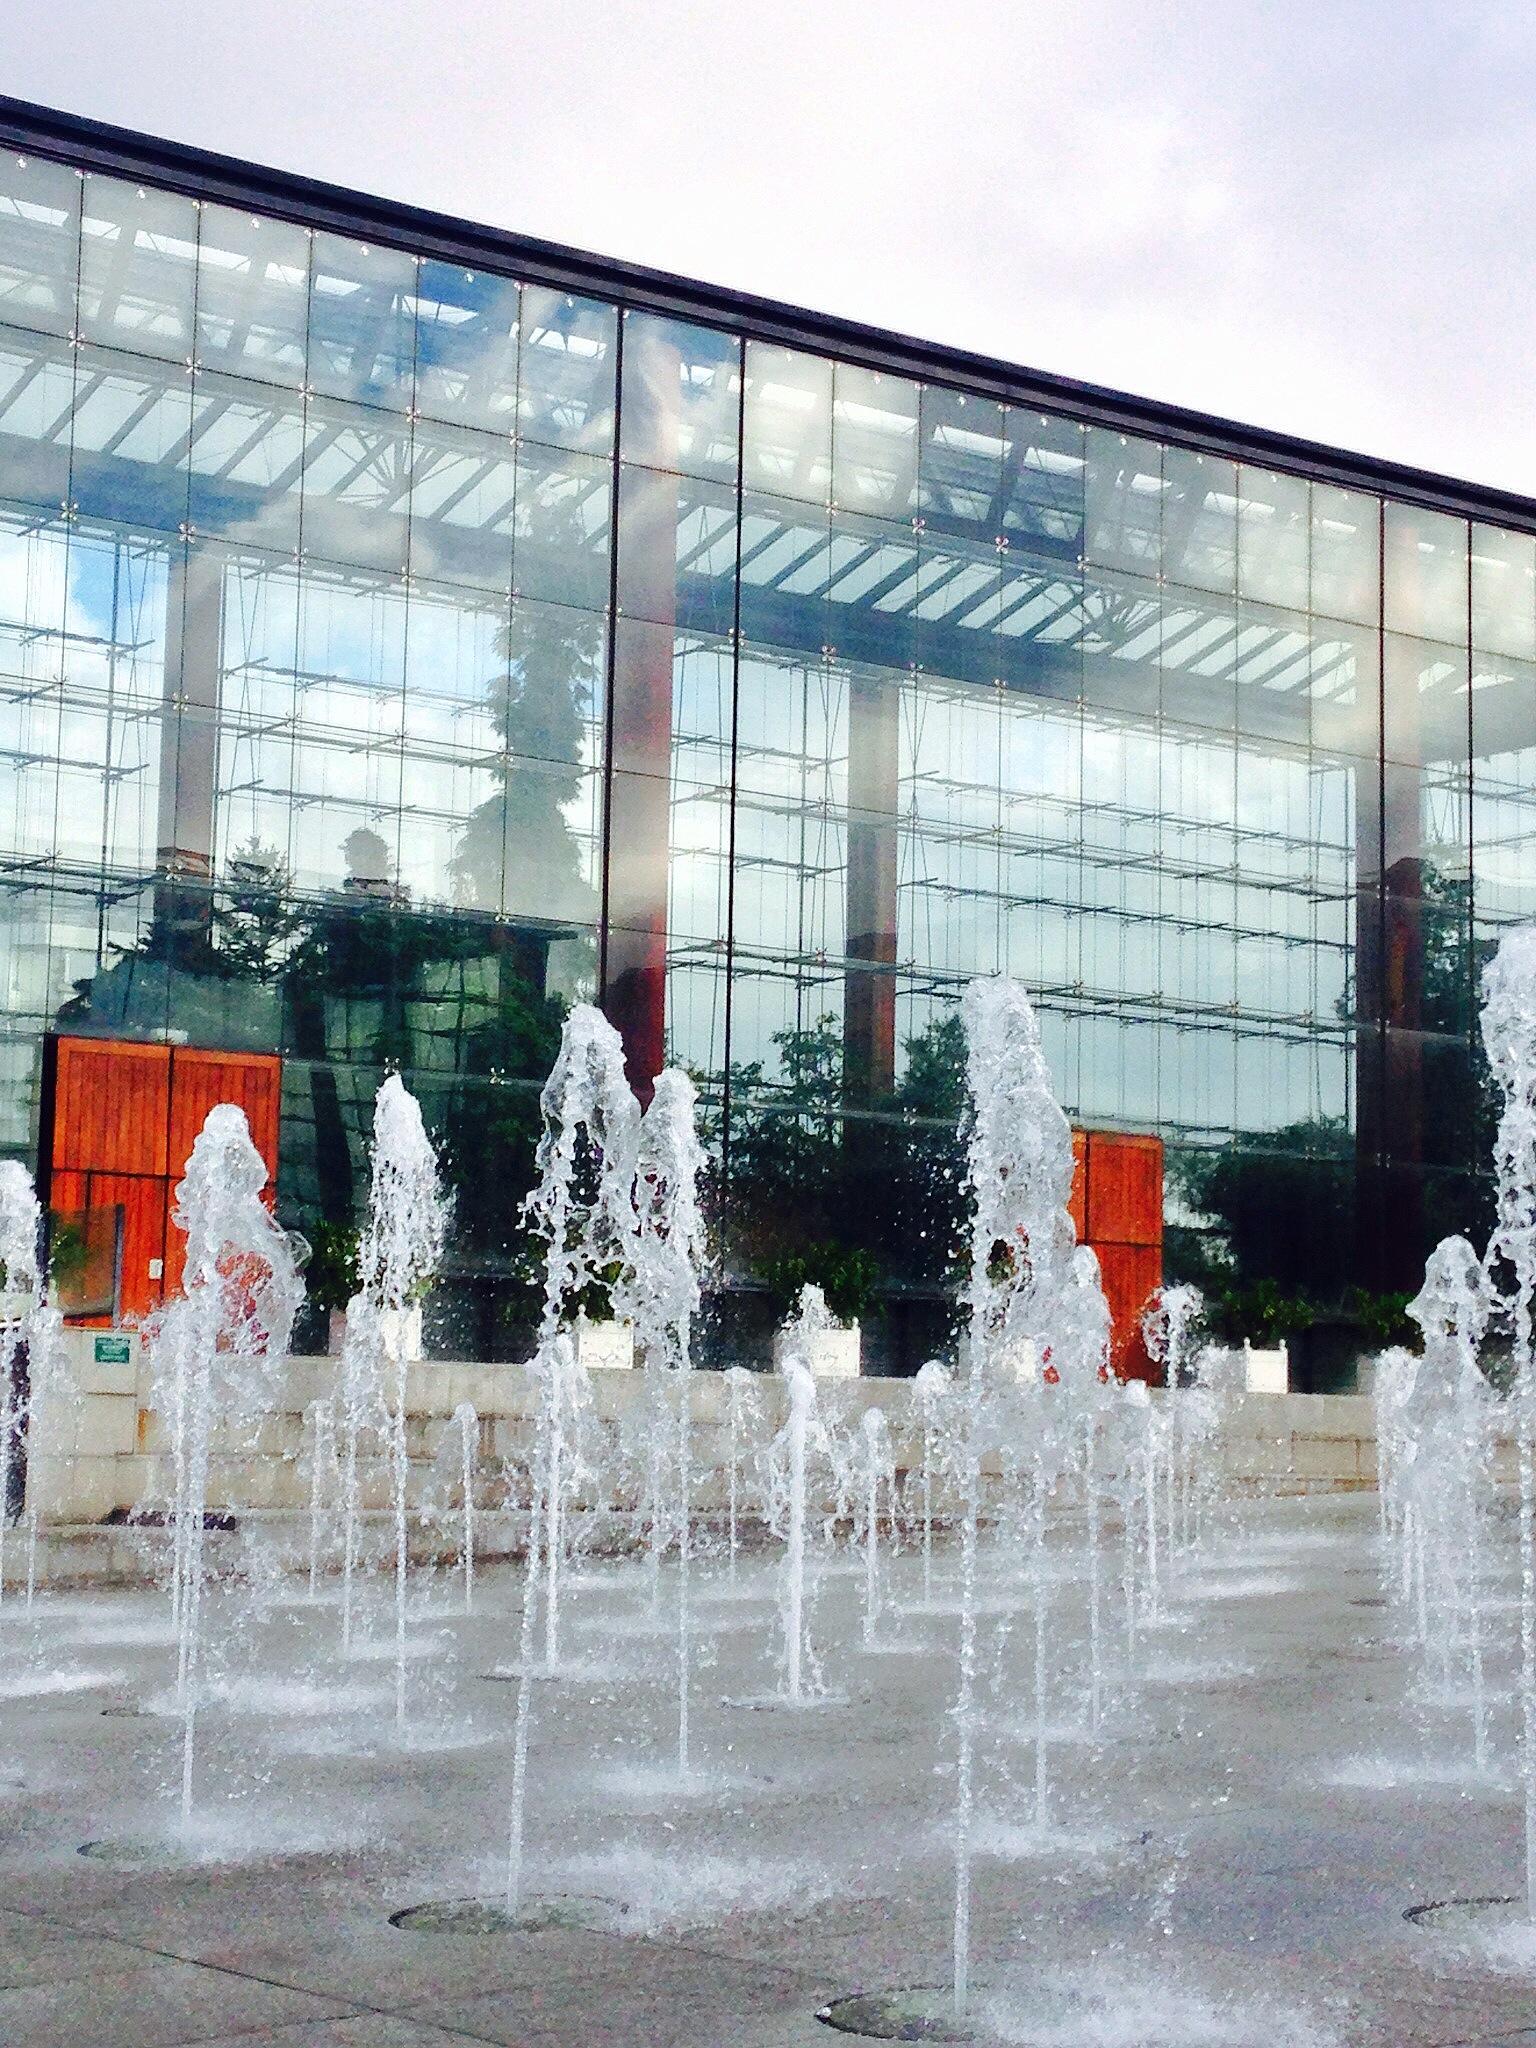 Now THAT'S a glasshouse (Parc Andre Citroen)